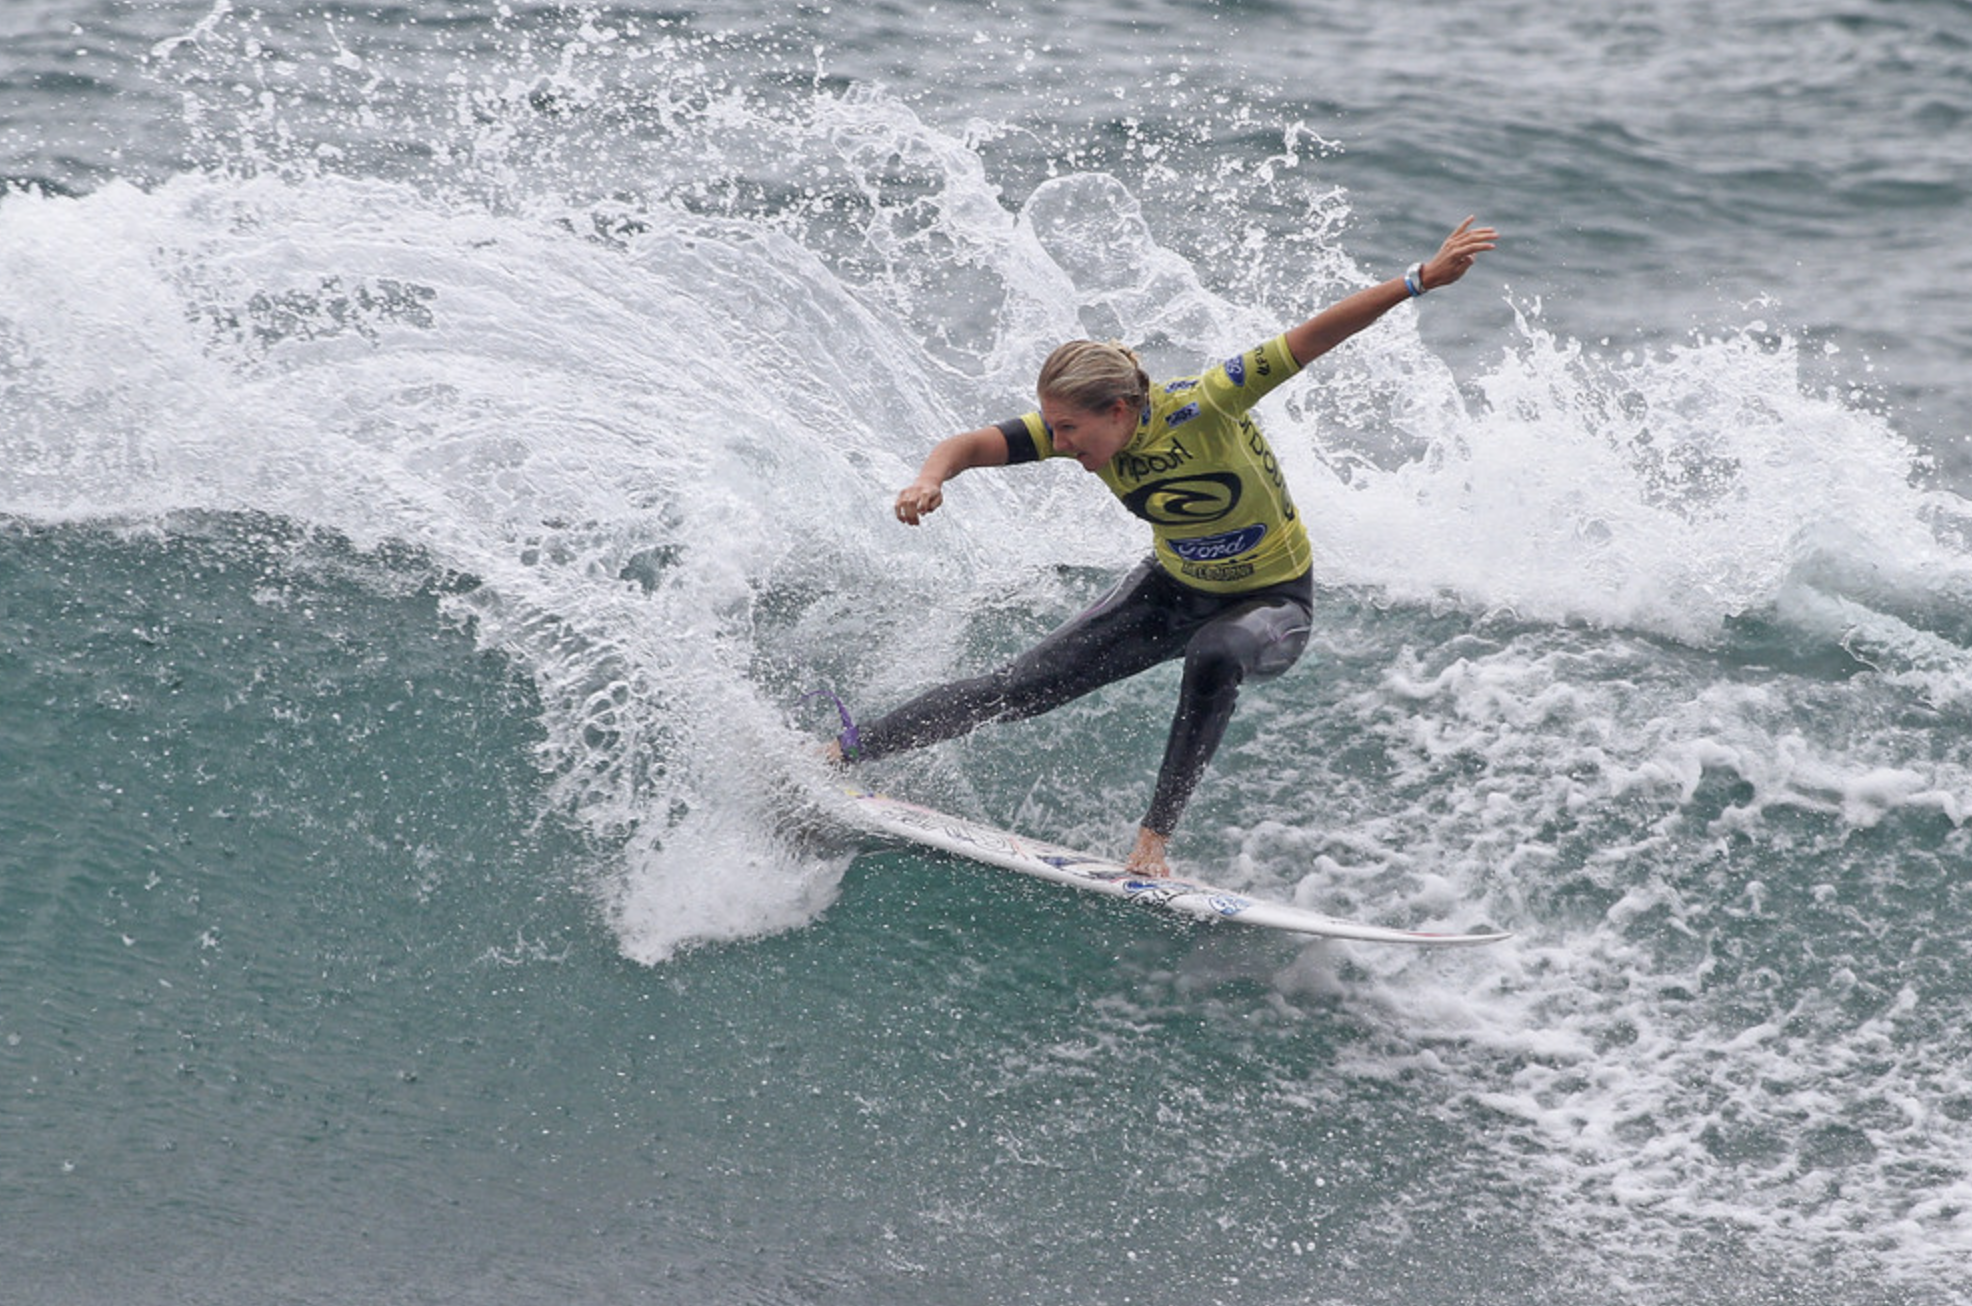 Surf Blog Top 10 Surfer Websites and Blogs